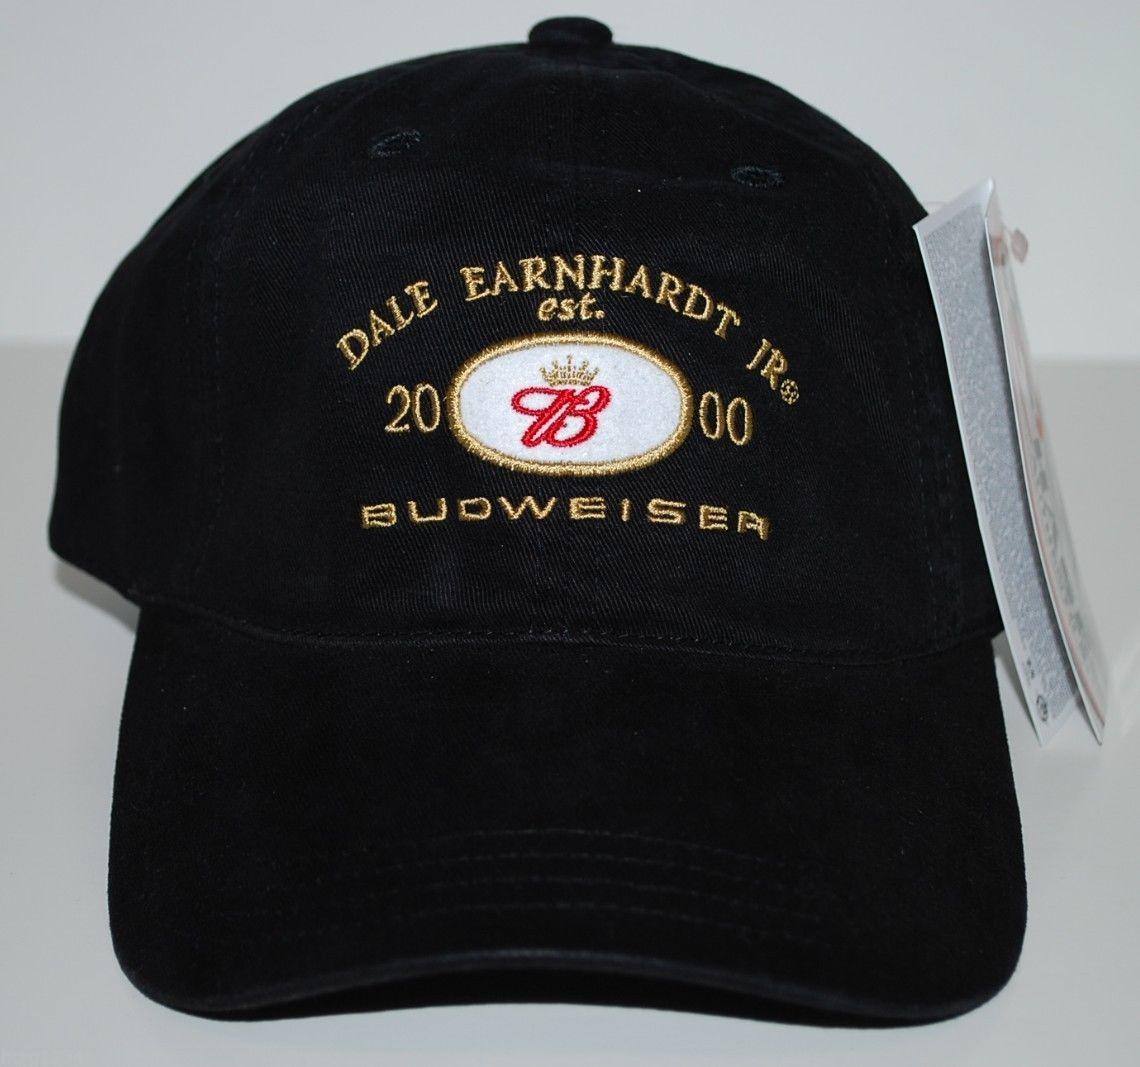 18fc41d6ef033 S l1600. S l1600. NASCAR Chase Authentics Vintage Budweiser Dale Earnhardt  Jr  8 Est.2000 Cap Hat. NASCAR Chase Authentics ...